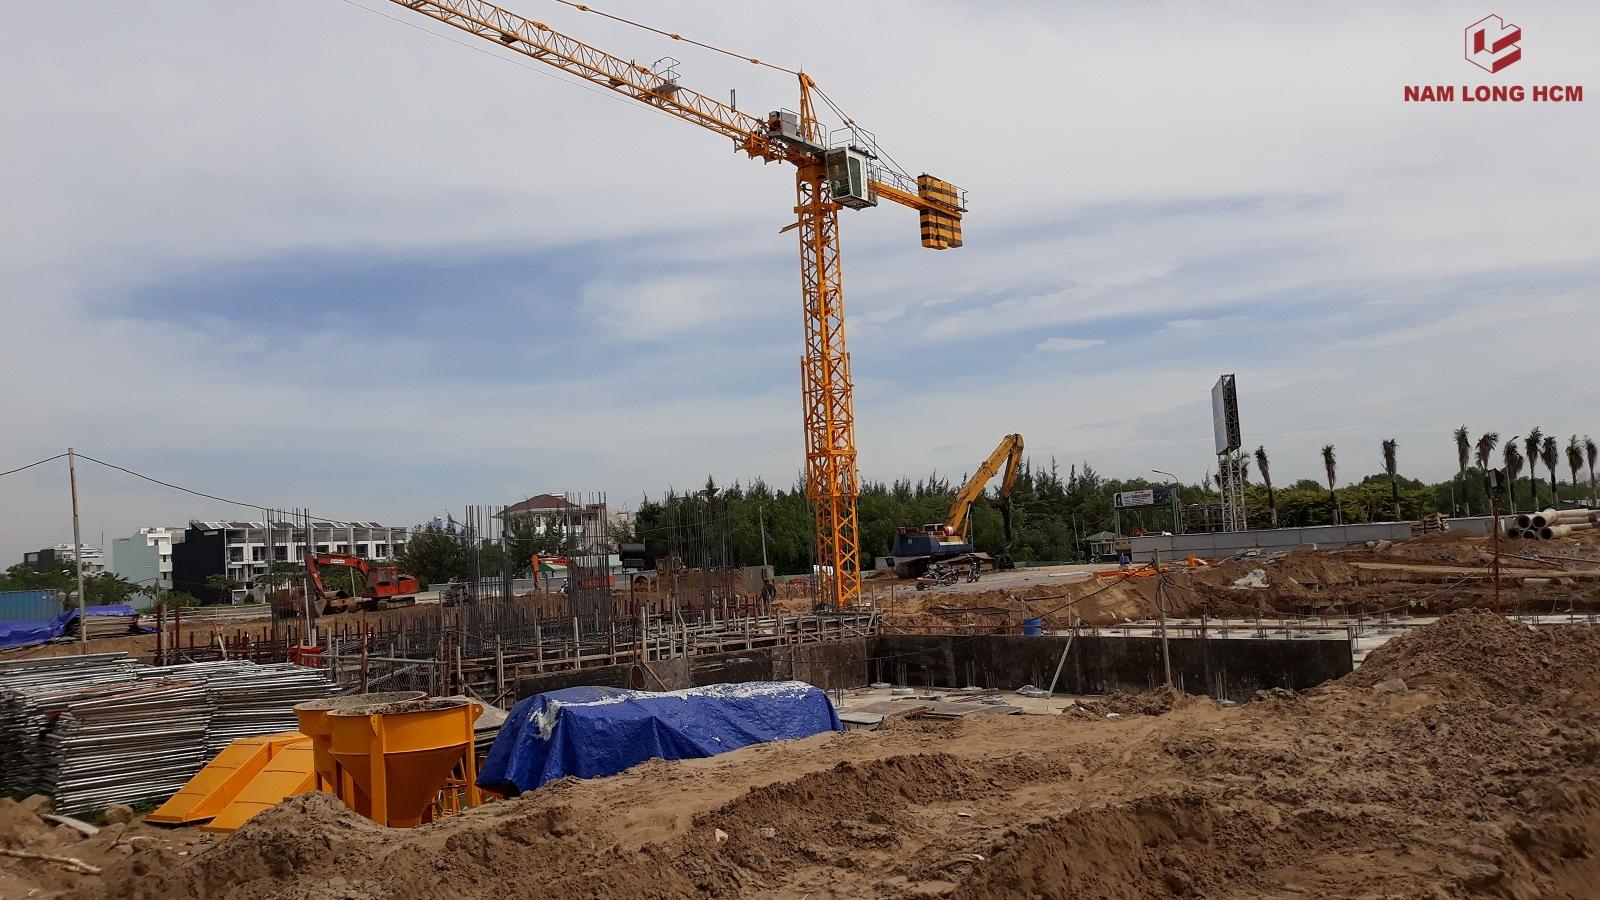 Tiến độ xây dựng Nhà ở xã hội Ehome S Bình Chánh. Ảnh: Nam Long HCM